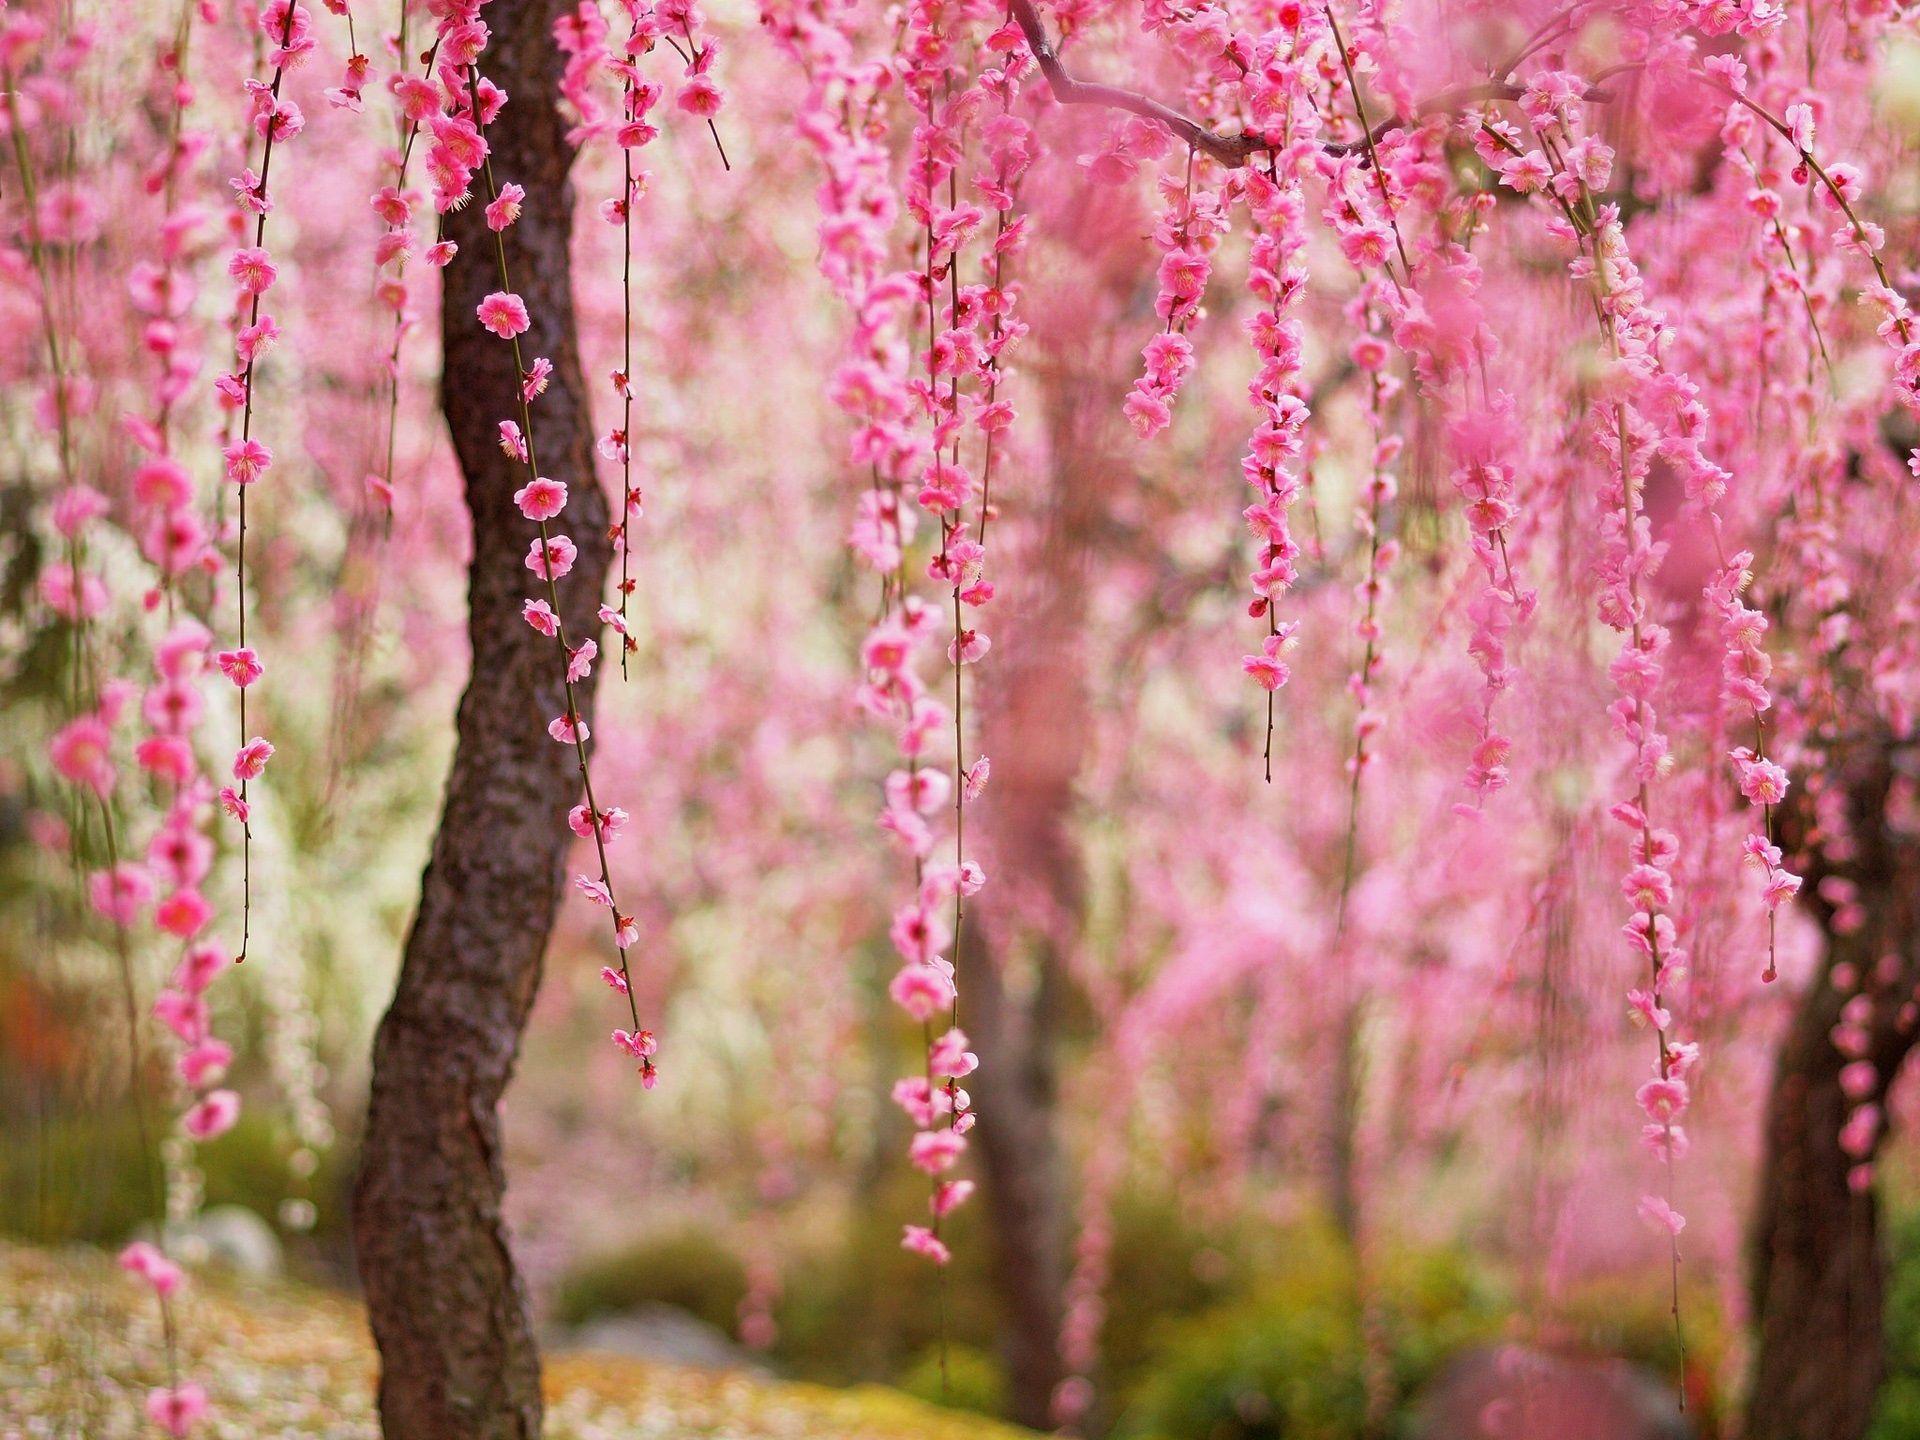 Belle printemps fleurs rose fleurs arbres fonds d 39 cran for Fond ecran ete fleurs